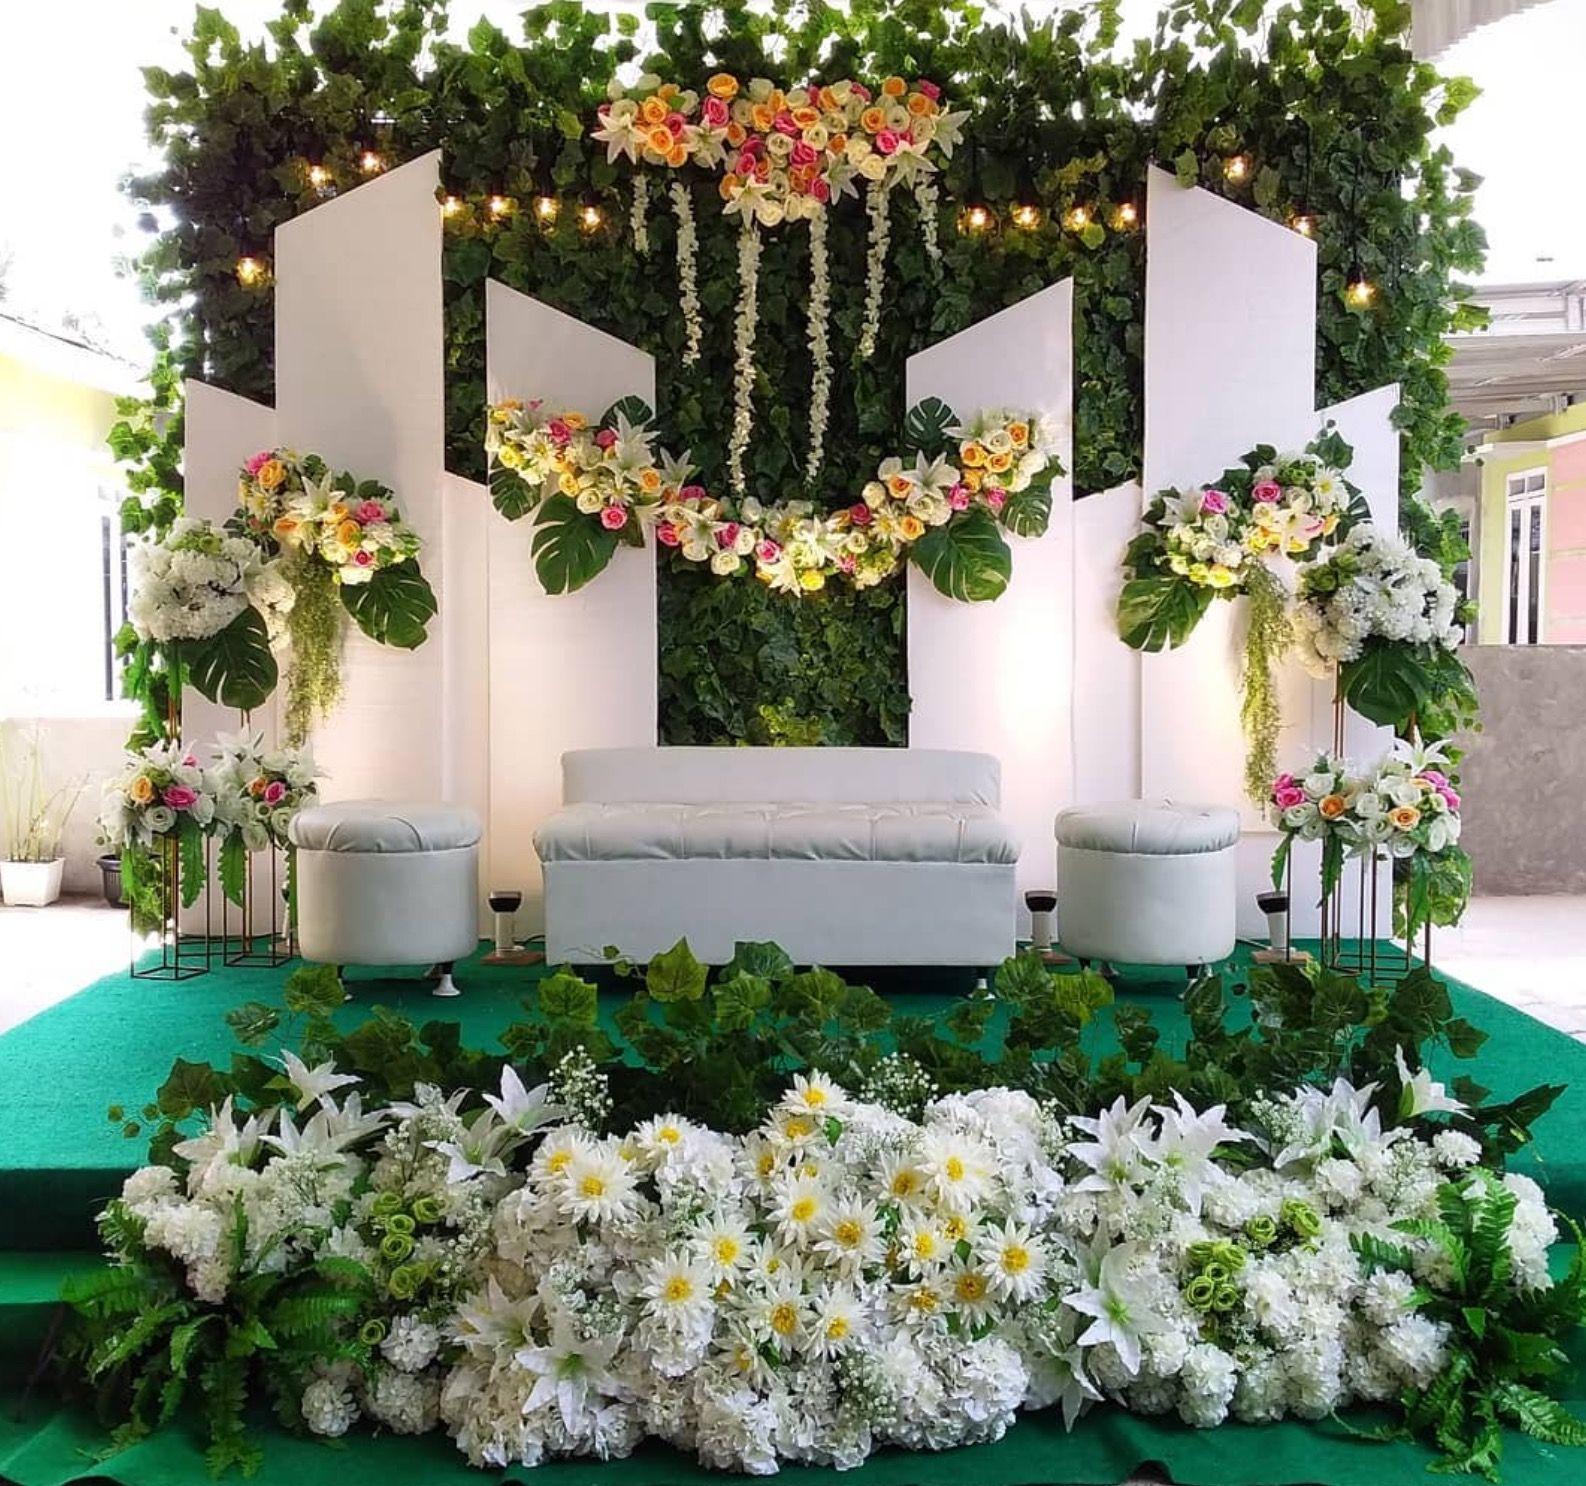 Dekorasi Pelaminan Pengantin Dalam Pesta Pernikahan Dekorasi Resepsi Pernikahan Tempat Pernikahan Pesta Pernikahan